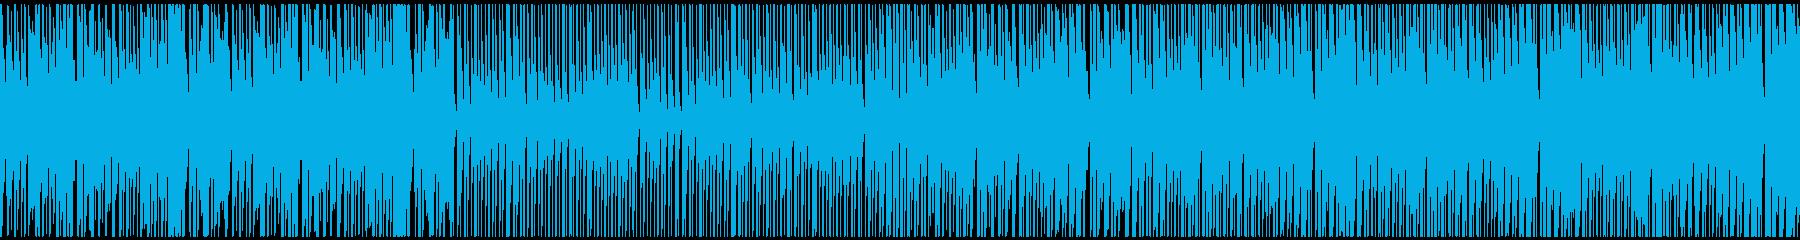 ノリの良い疾走感のあるテクノの再生済みの波形